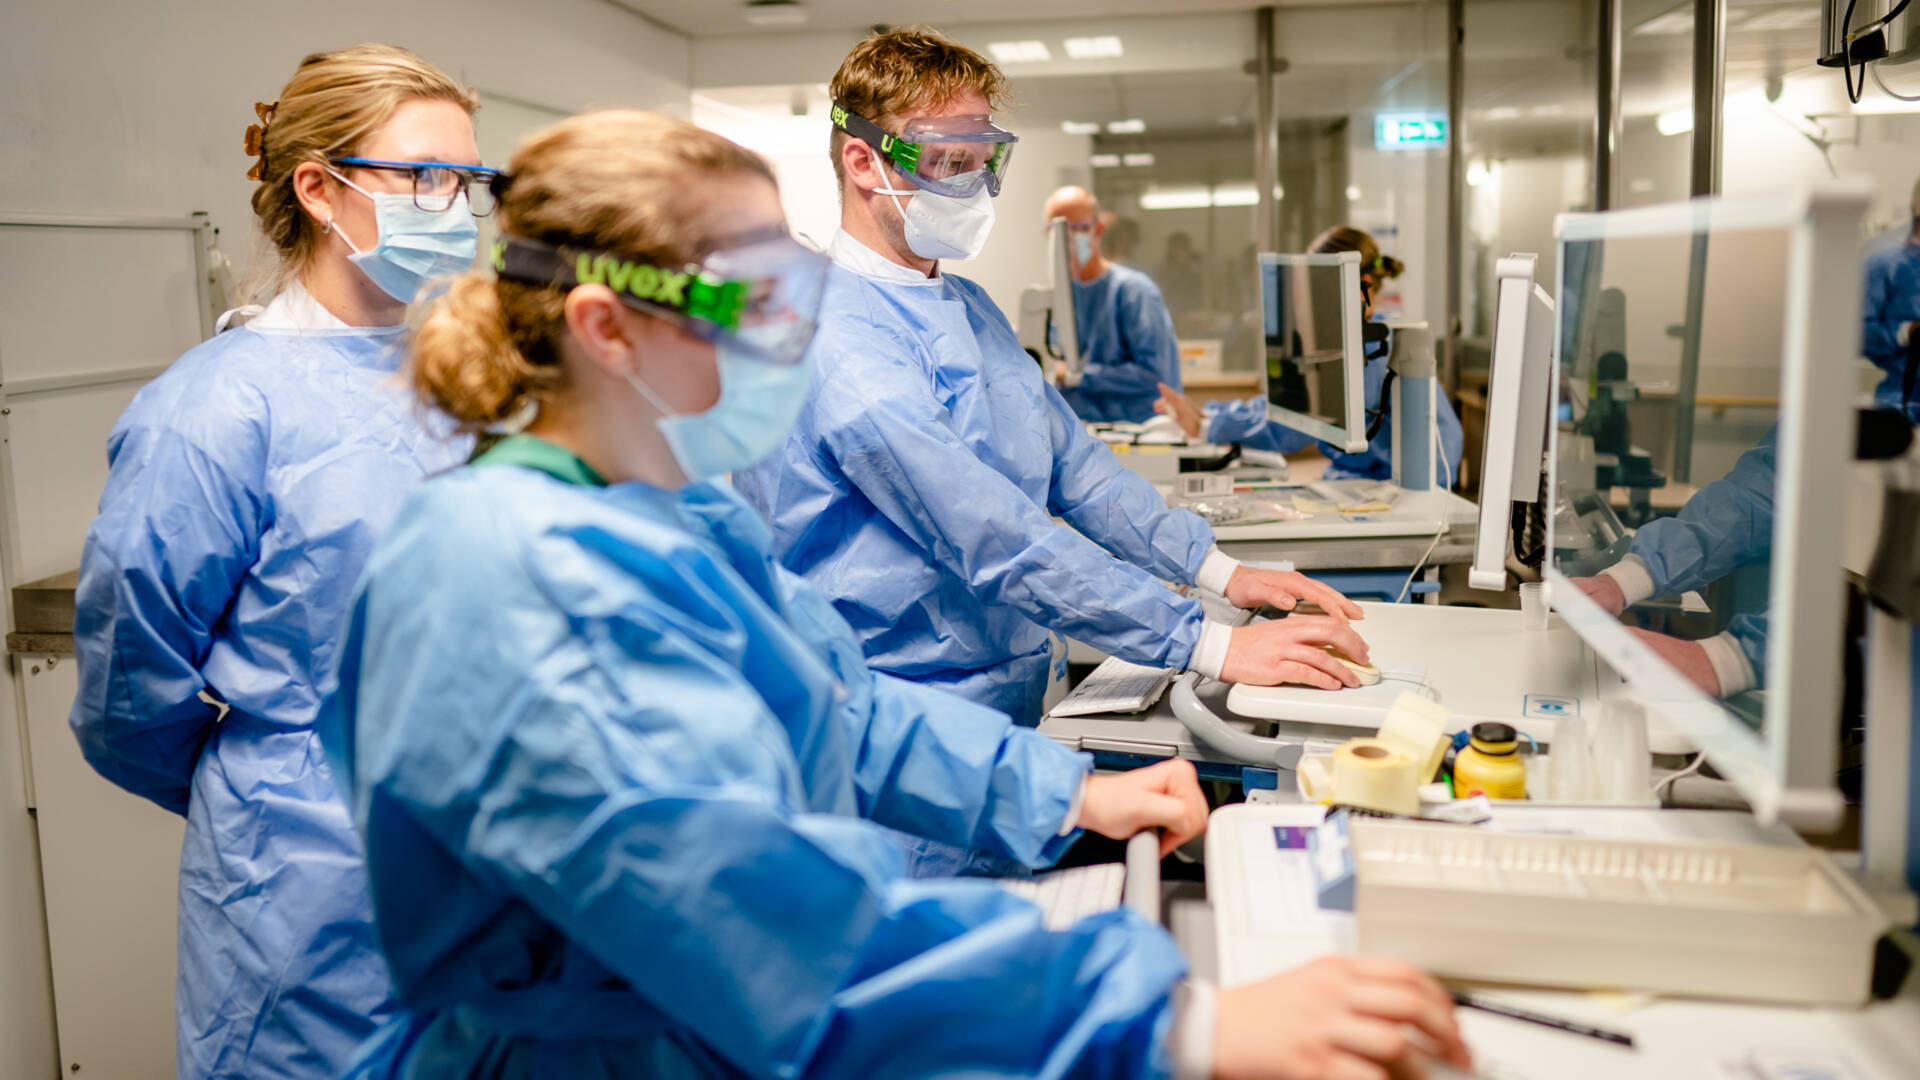 موجز لأهم التطورات الصحية في هولندا ليوم الخميس